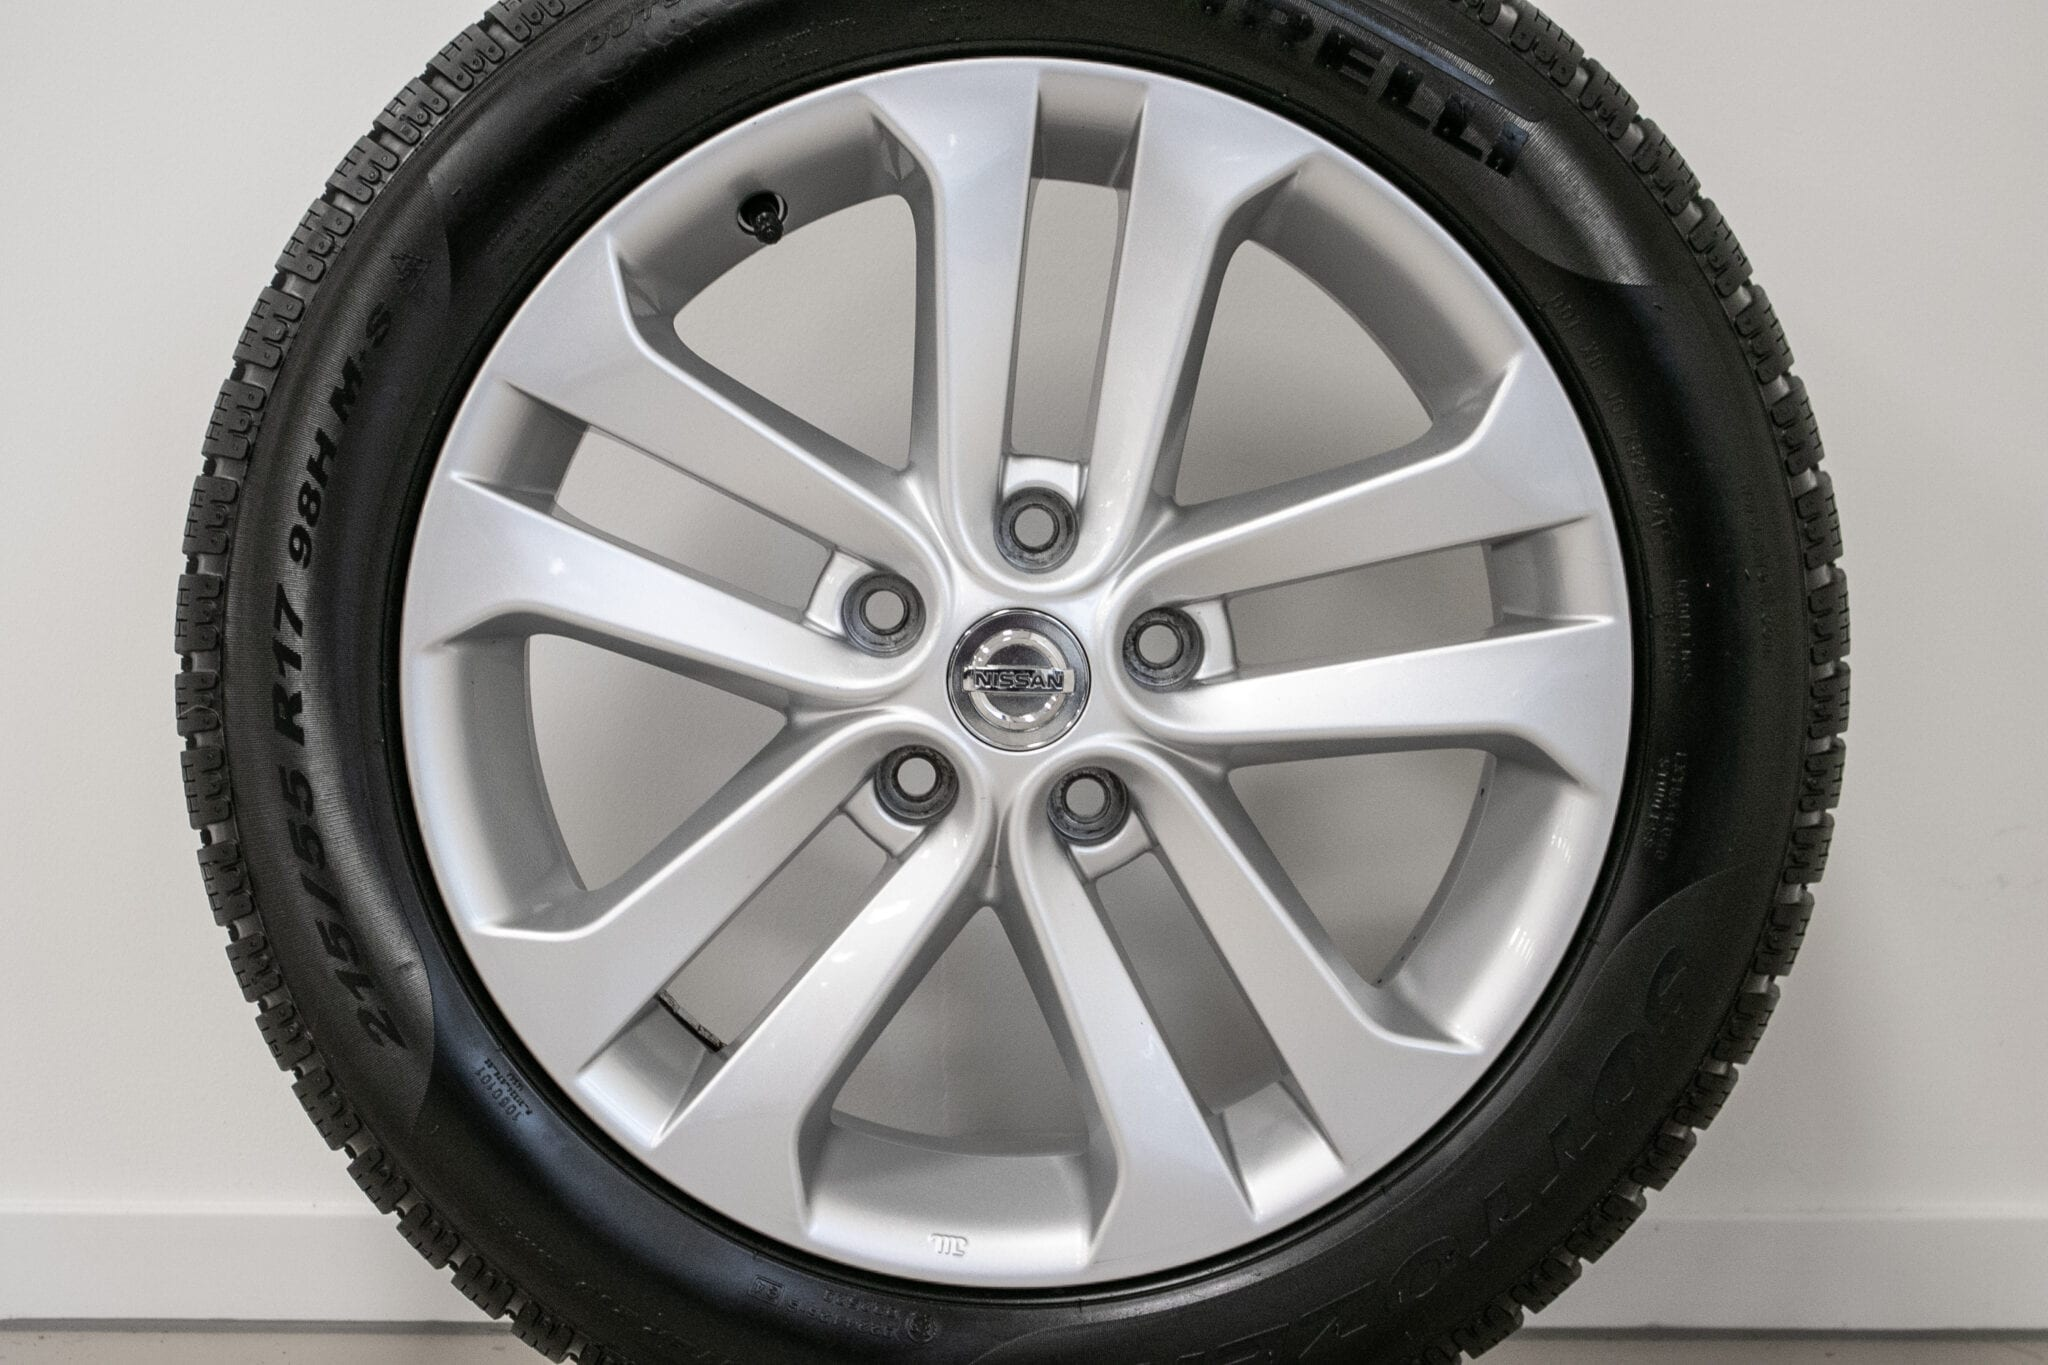 """17"""" Winterwielen voor de Nissan Juke €249,- Gebruikt. Profieldiepte: 6mm - 6.5mm"""